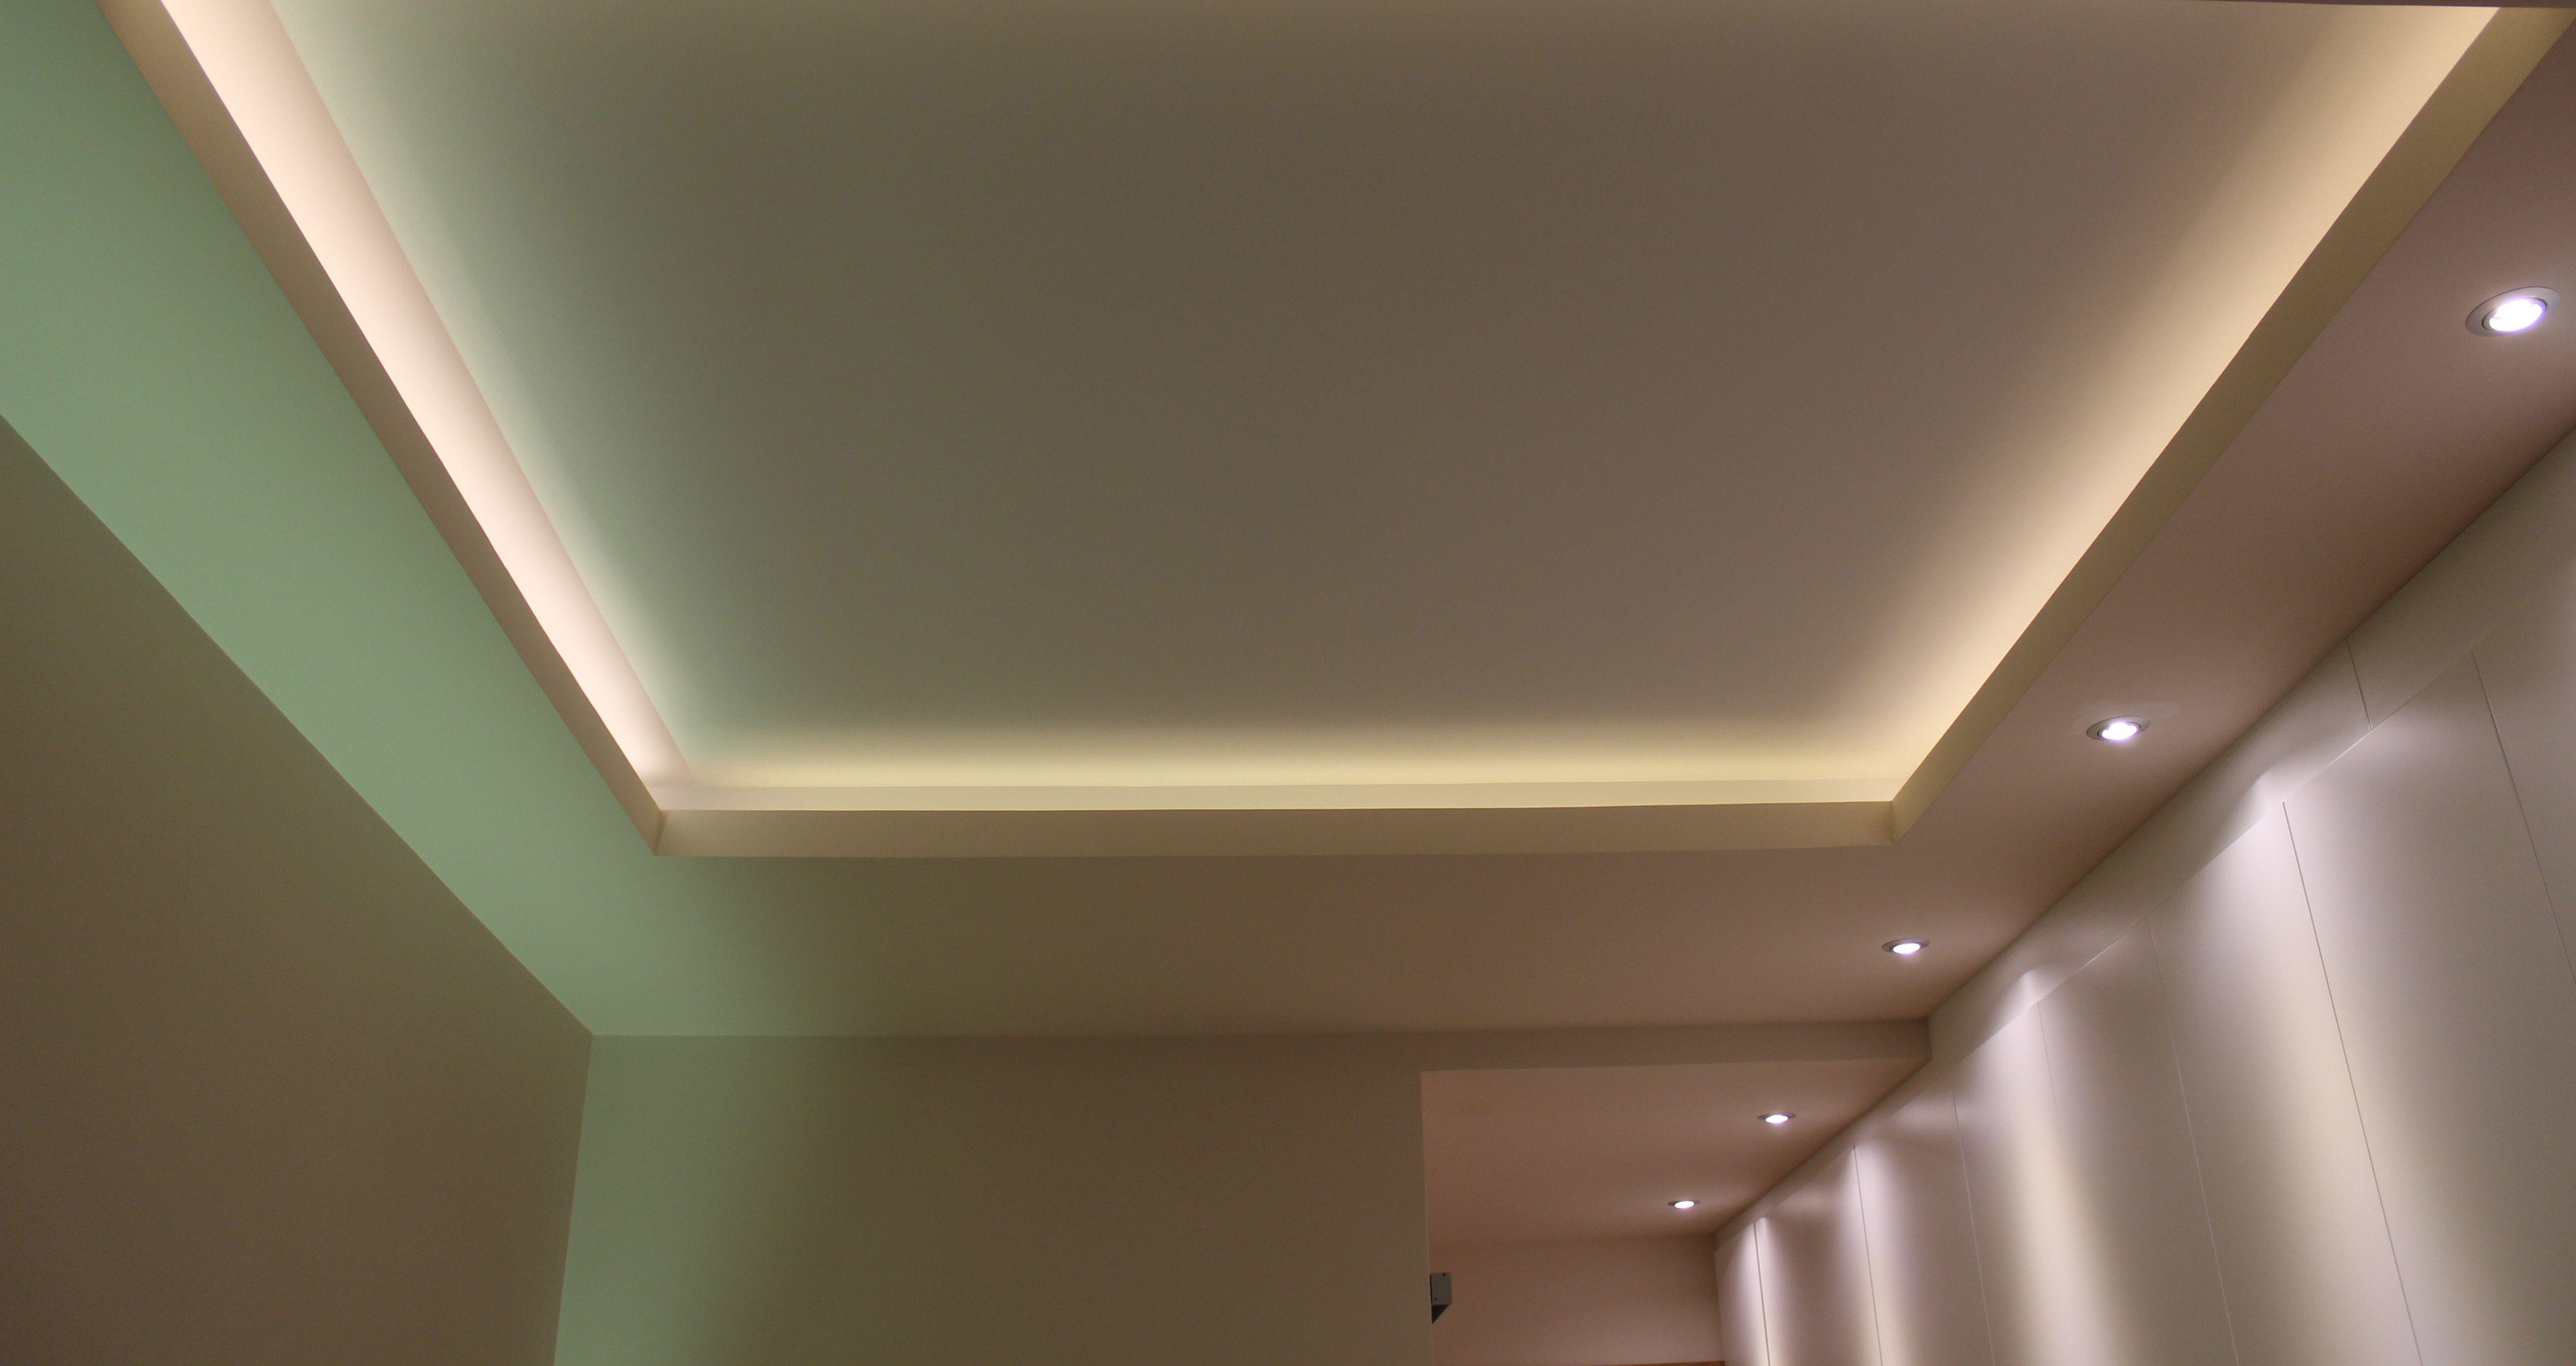 Dormitorio iluminado con tiras de LEDs en foseado del